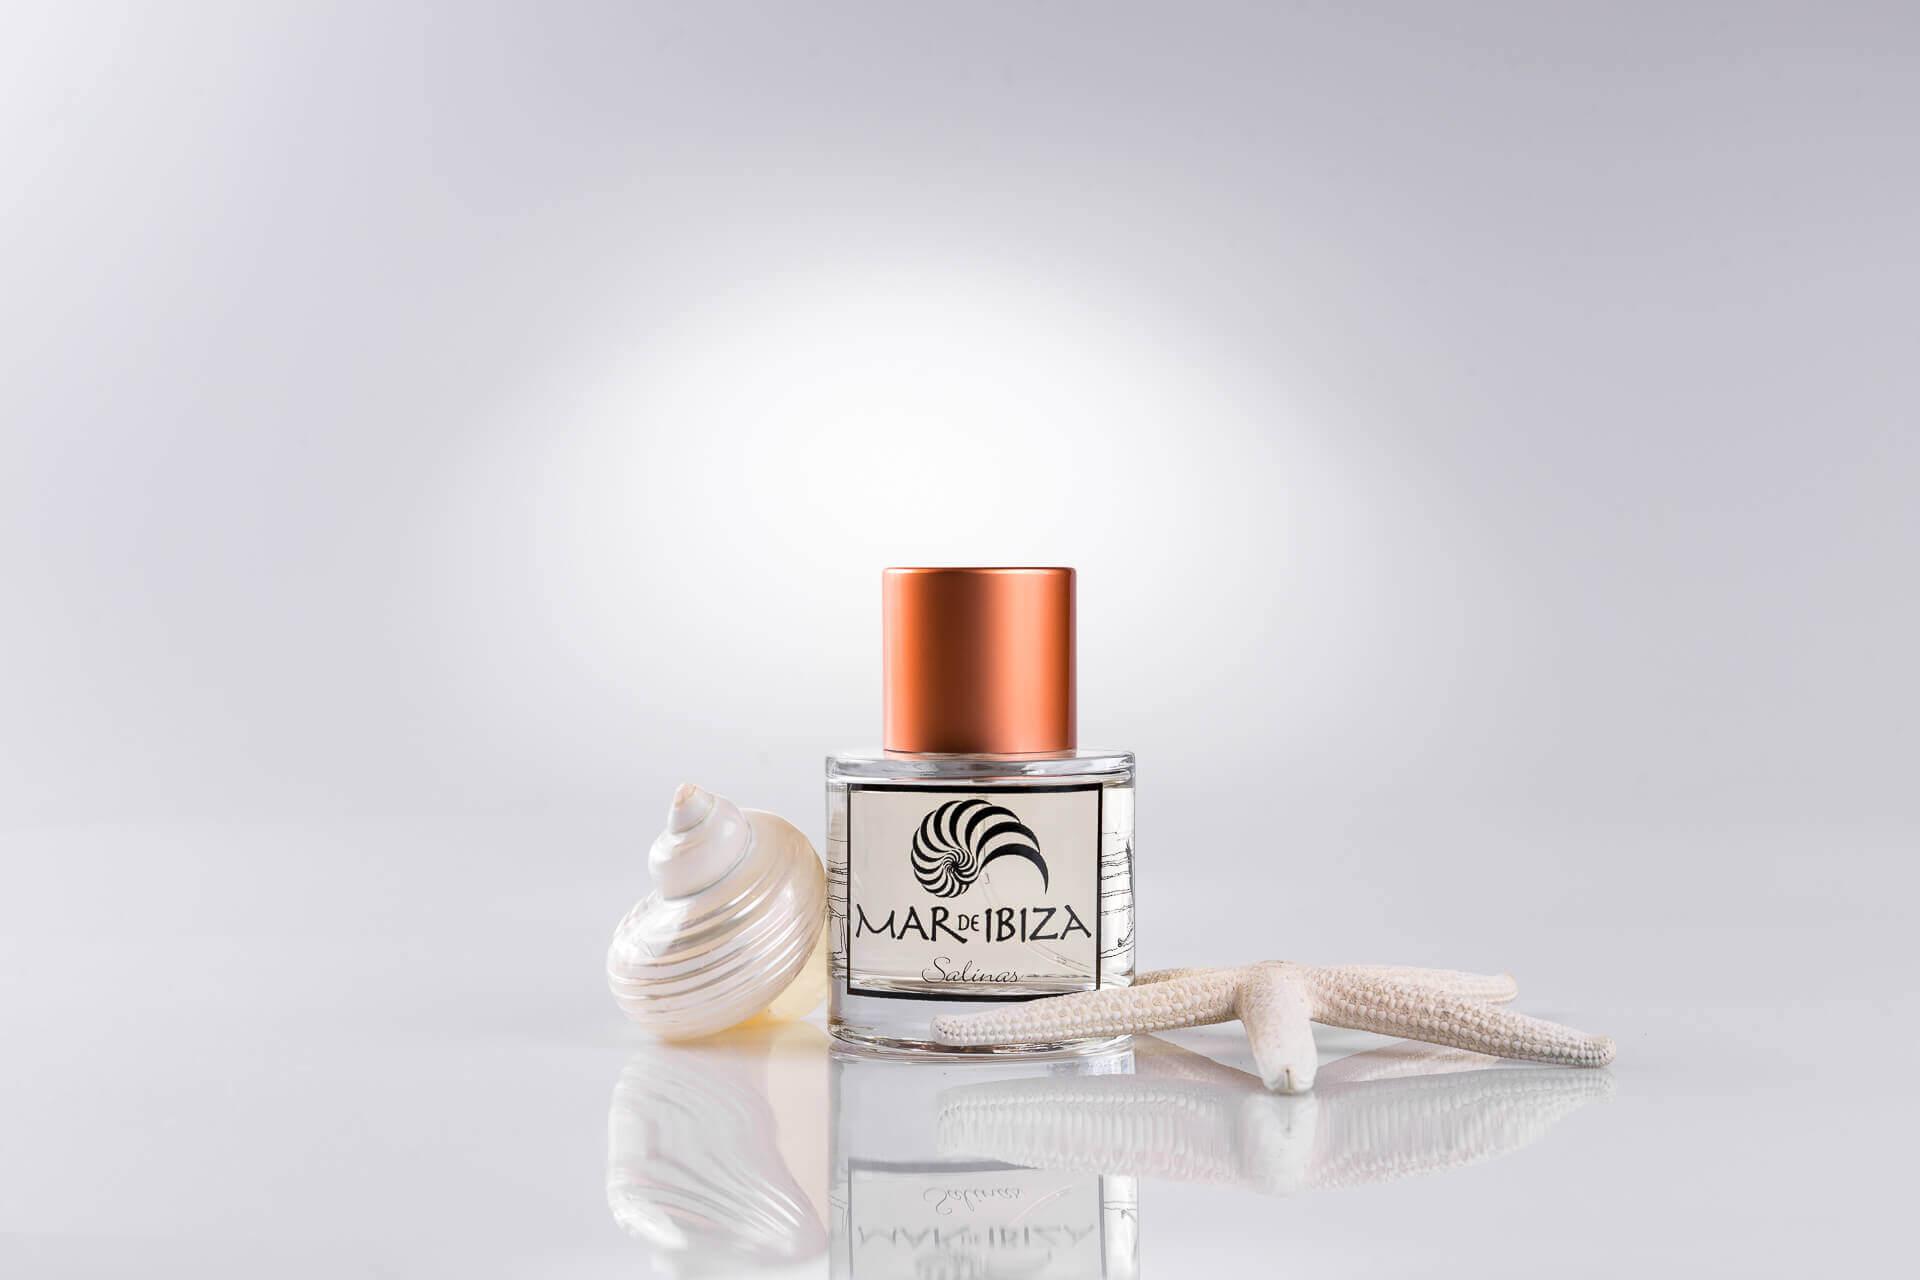 Fotografía de producto en Ibiza. Nueva línea de perfumes Mar de Ibiza